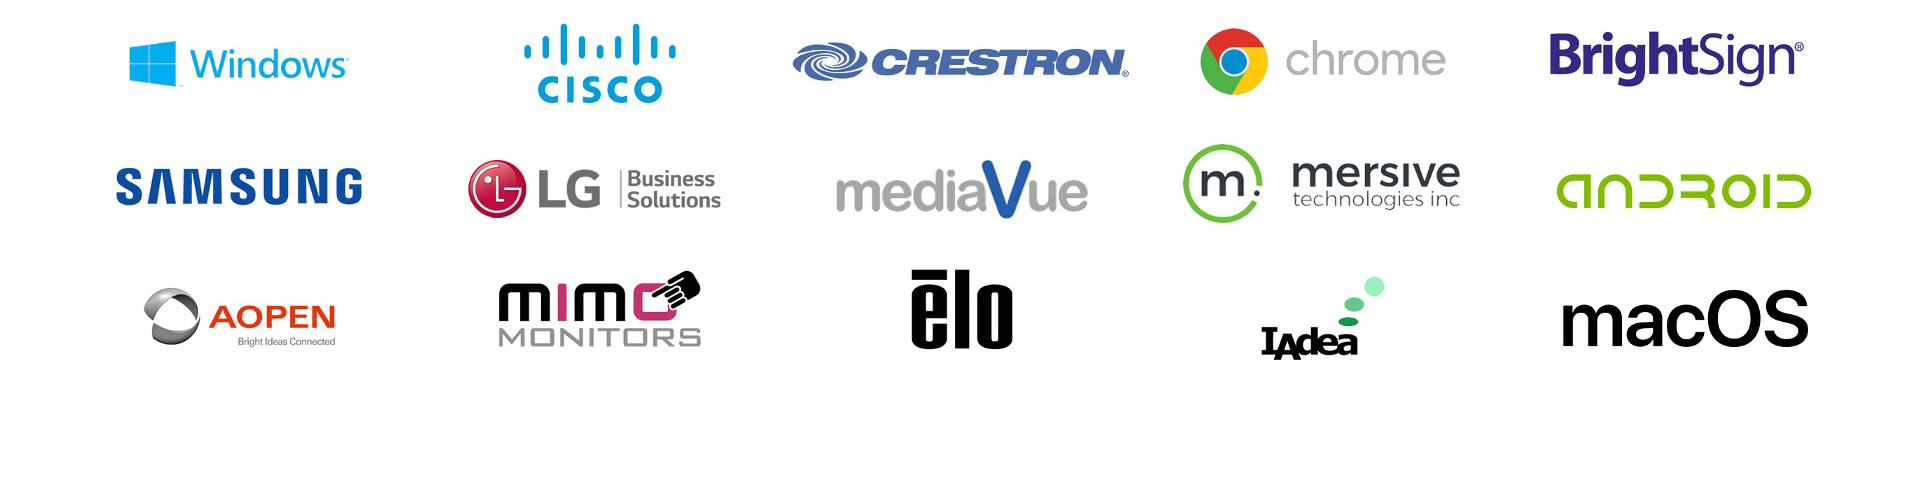 platforms-workplace-logos.jpg